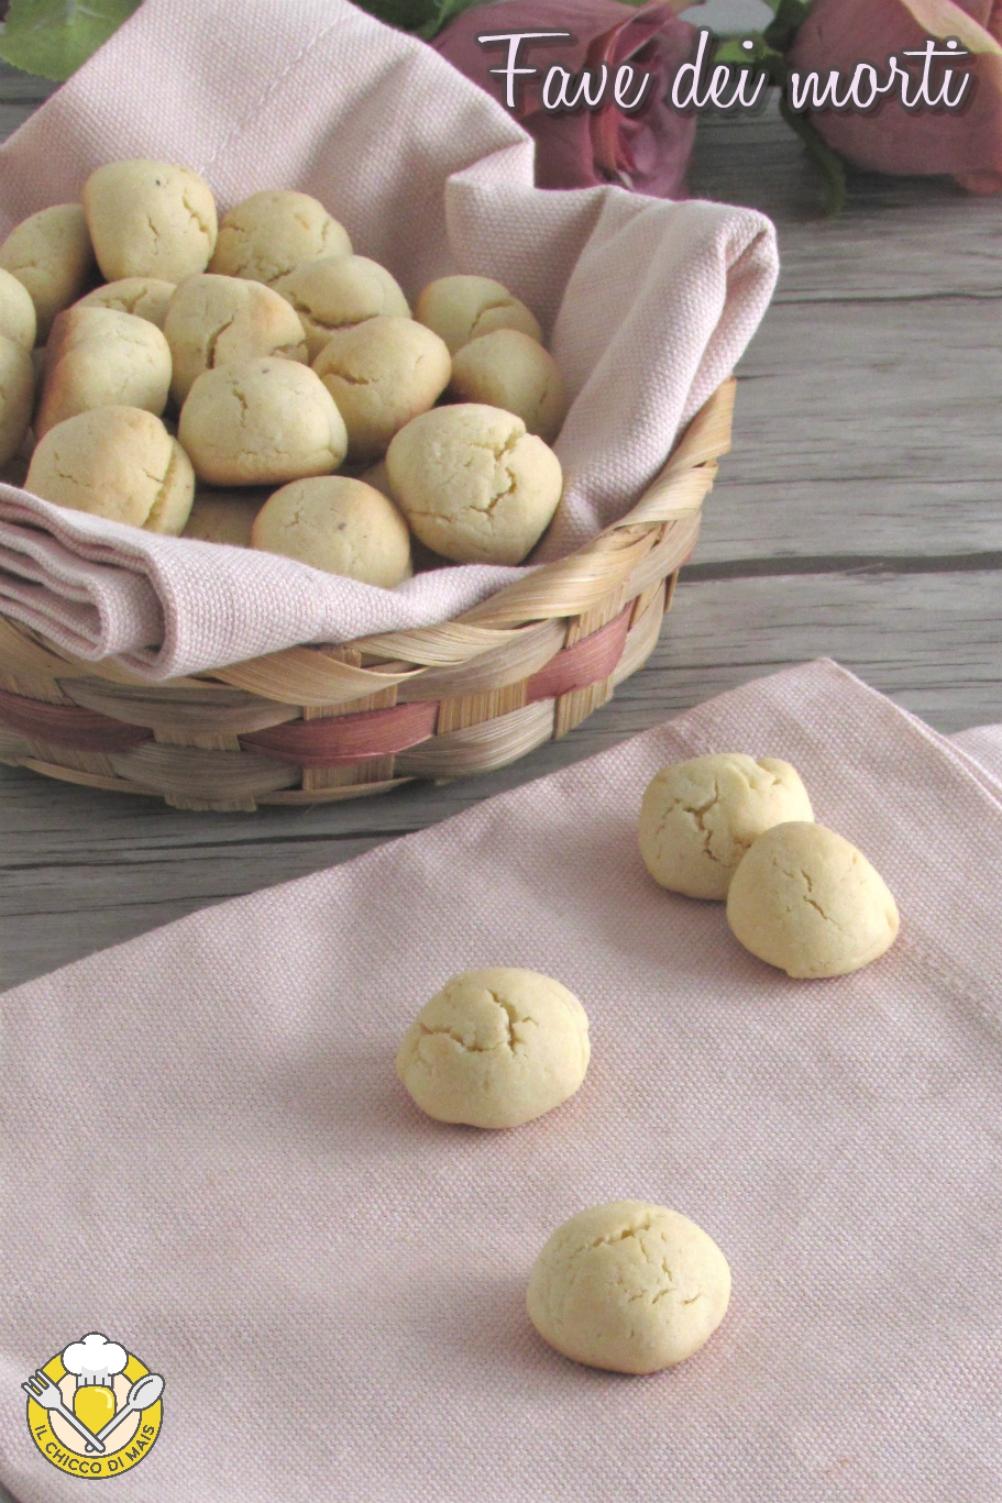 v_ Fave dei morti ricetta romana laziale biscotti alle mandrle del 2 novembre il chicco di mais